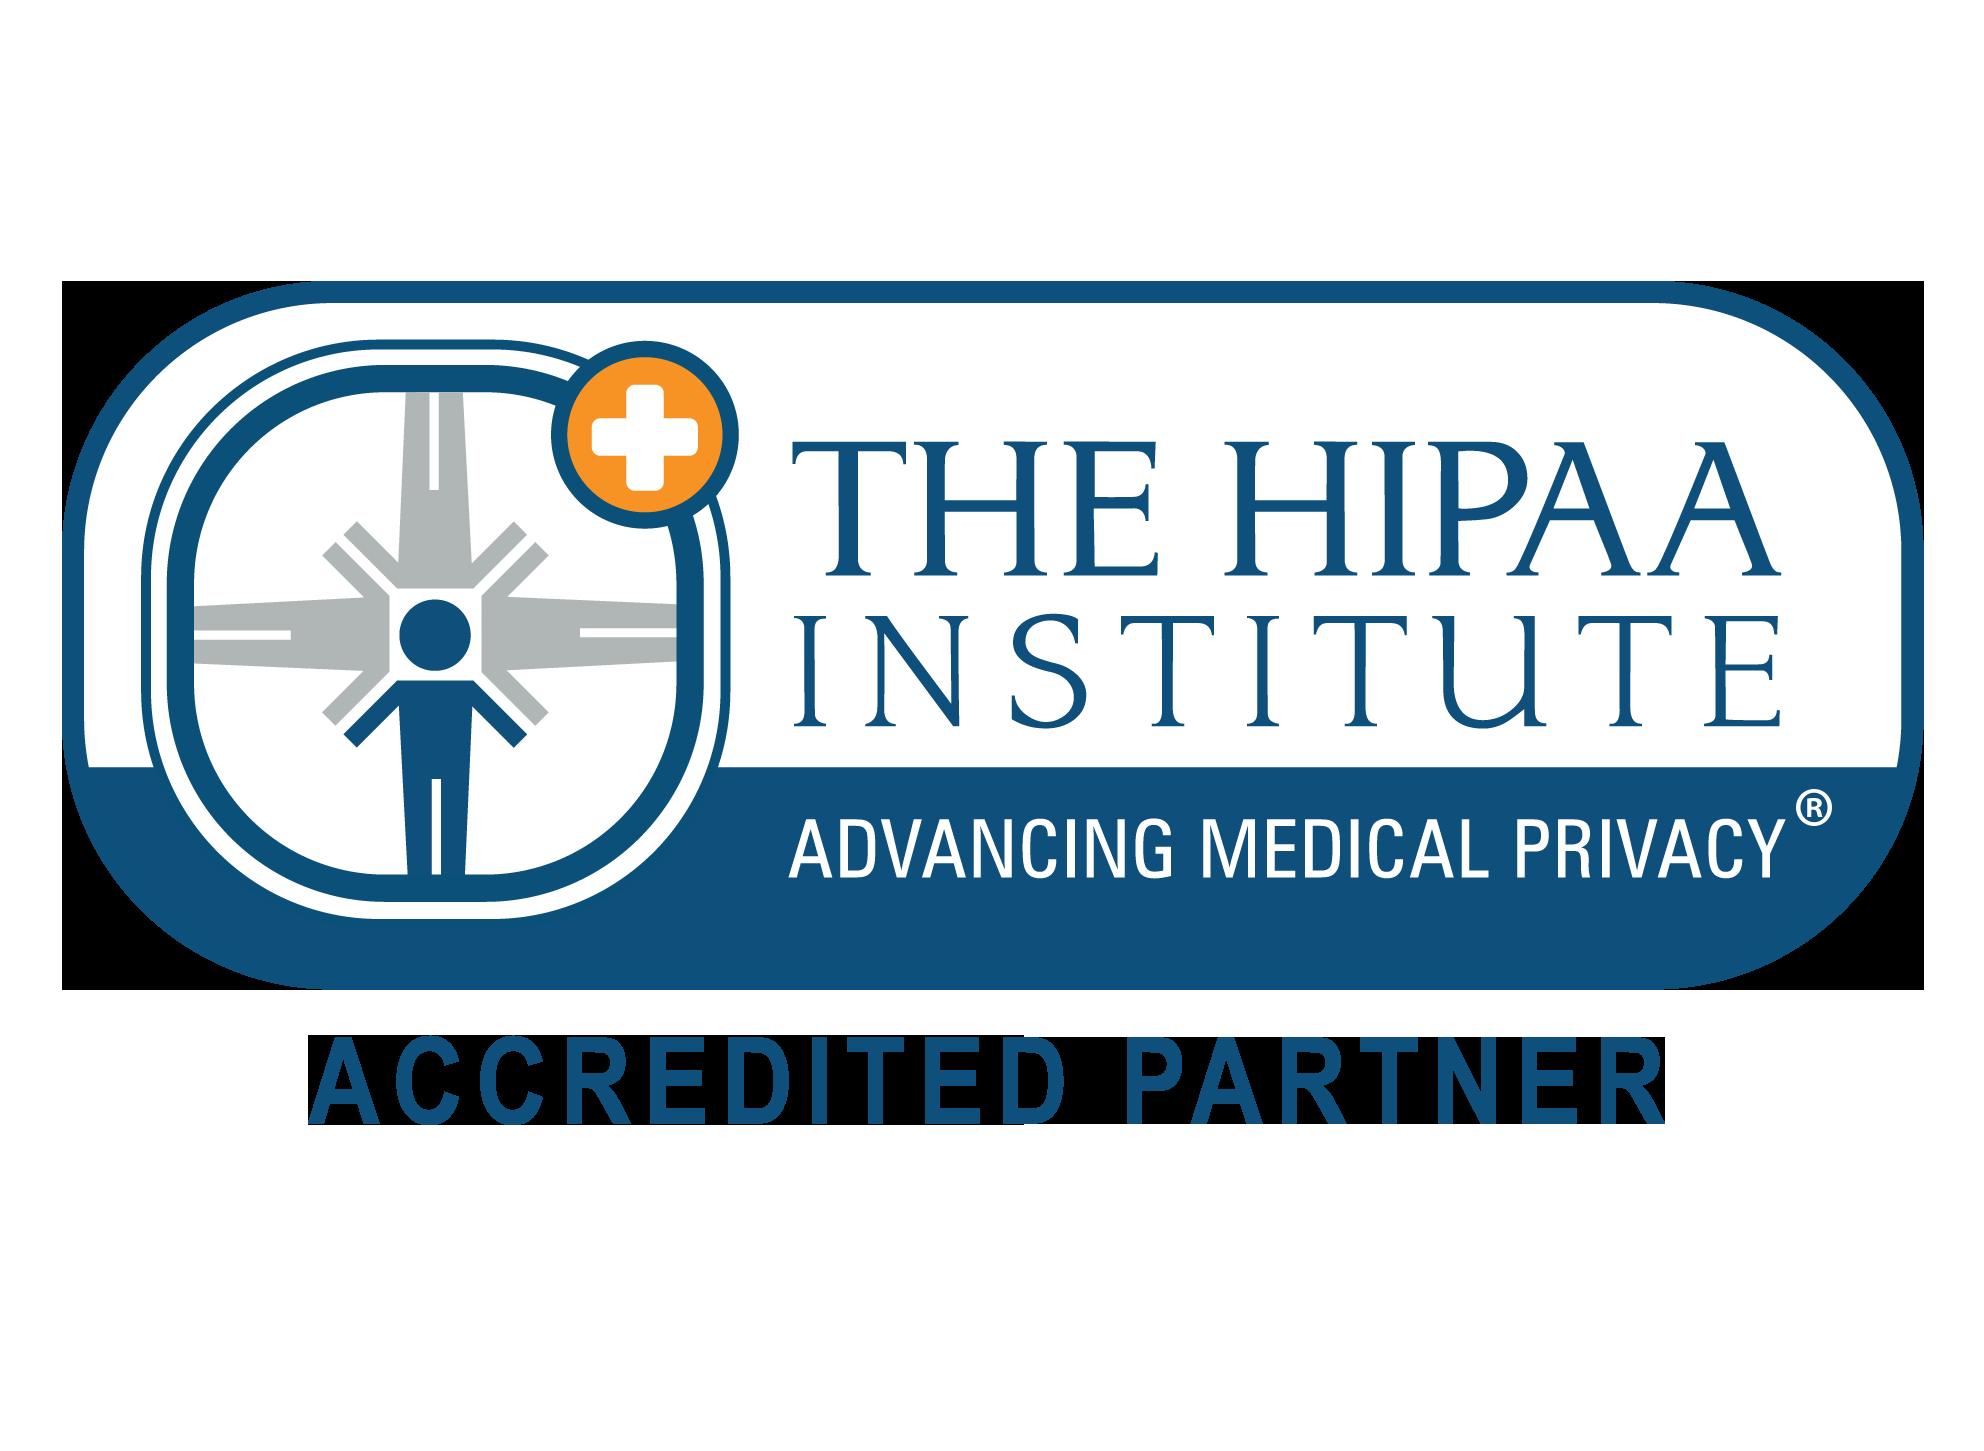 The HIPAA Institute